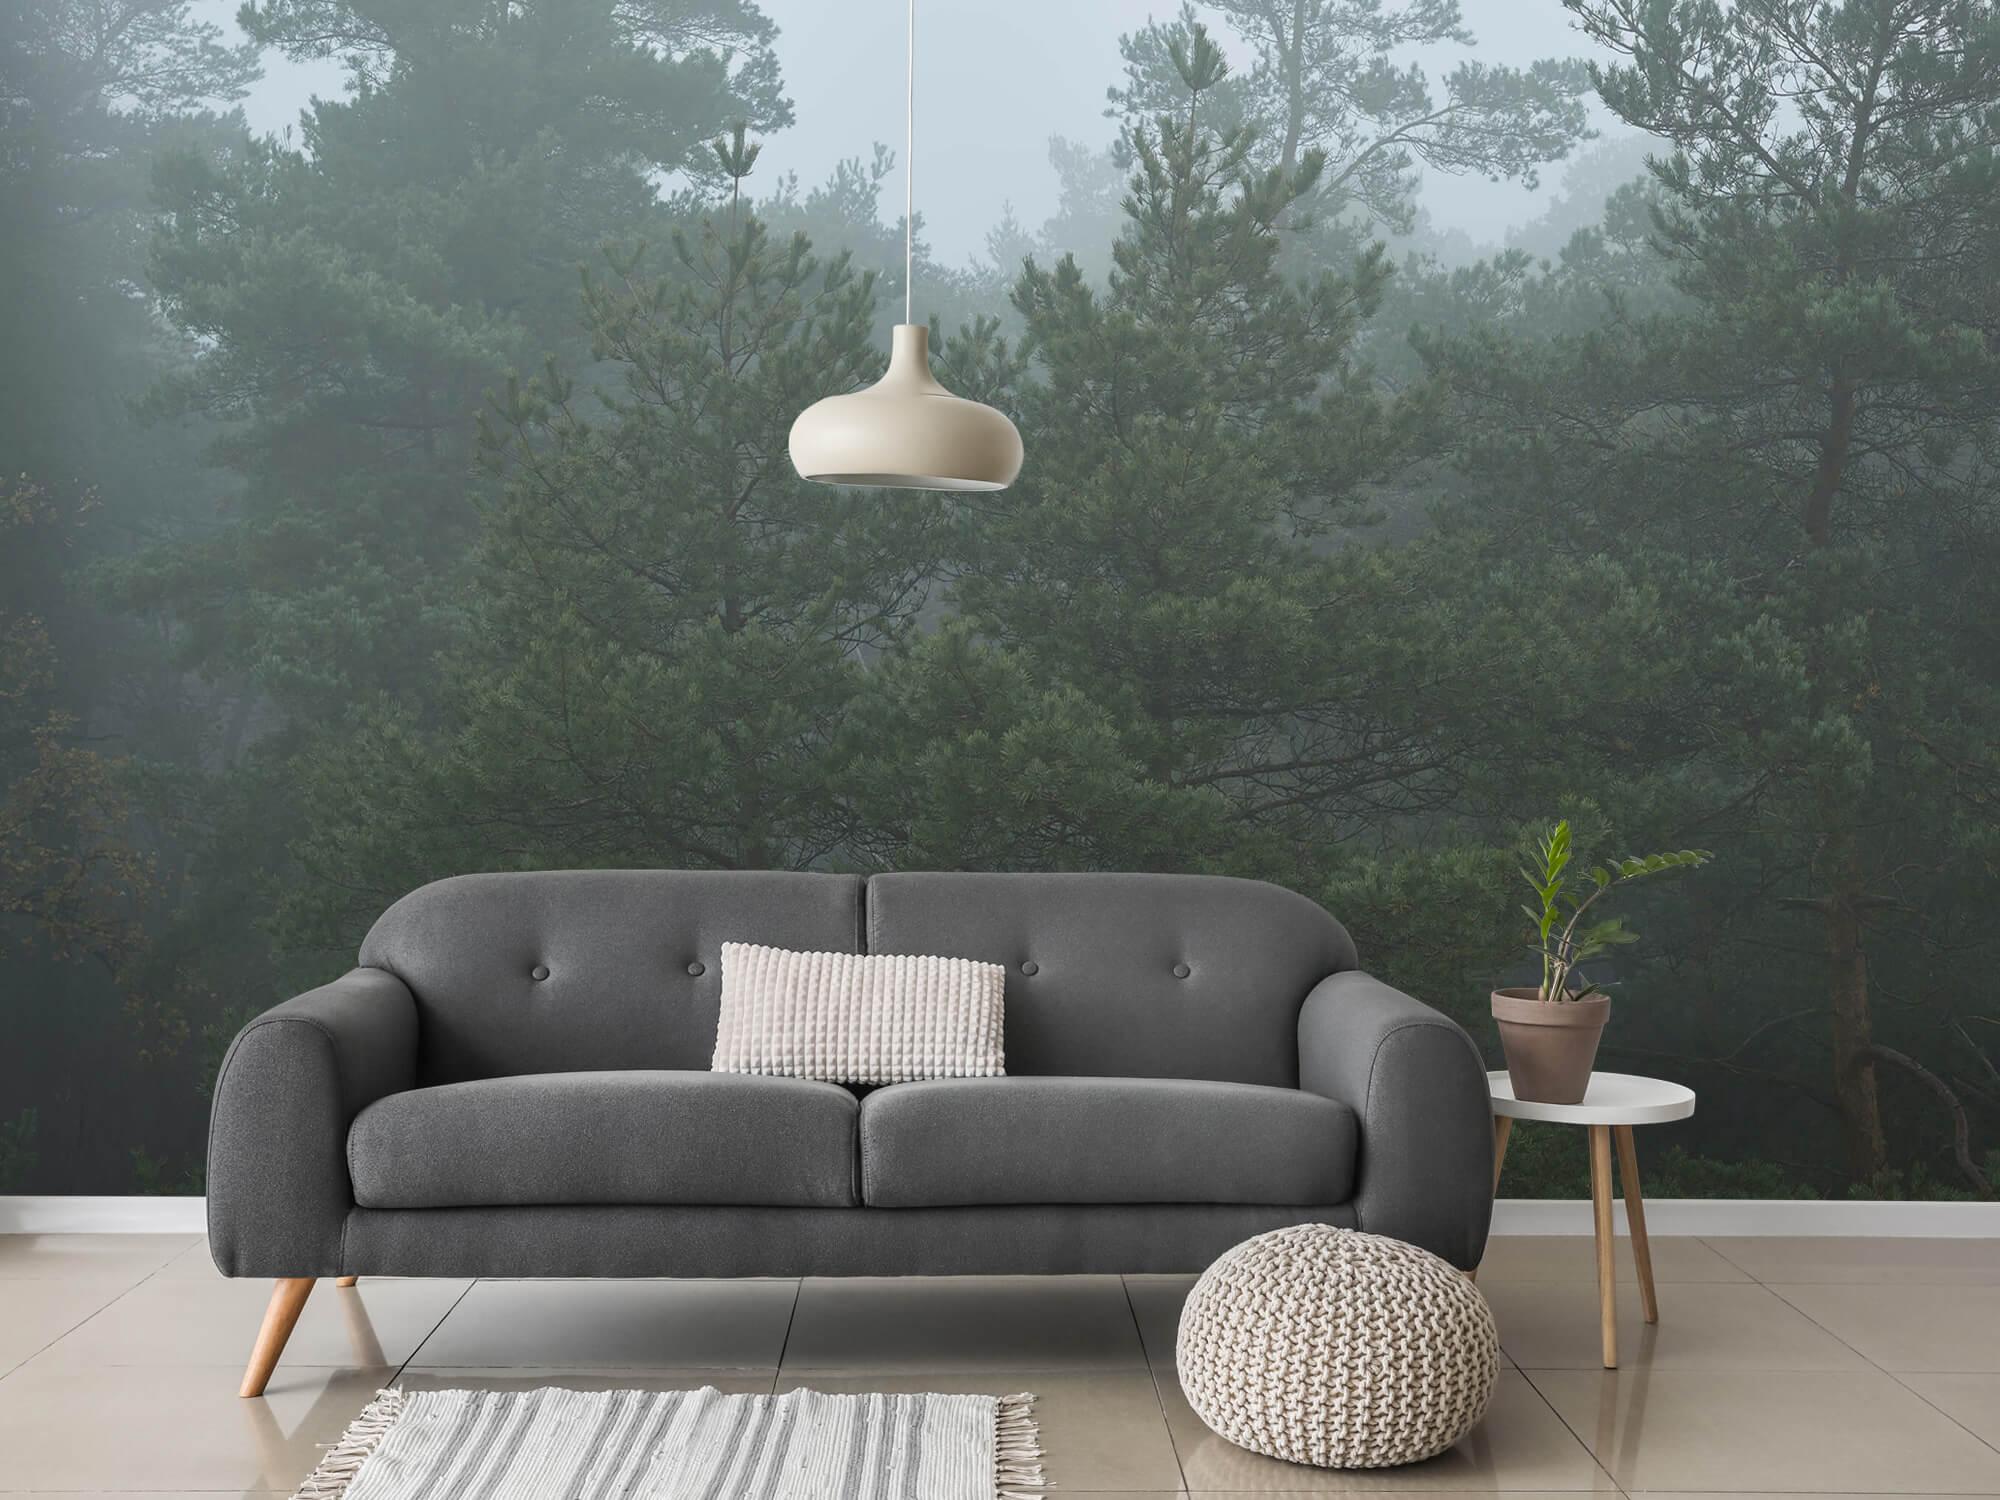 Natuur Naaldbomen in de mist 4